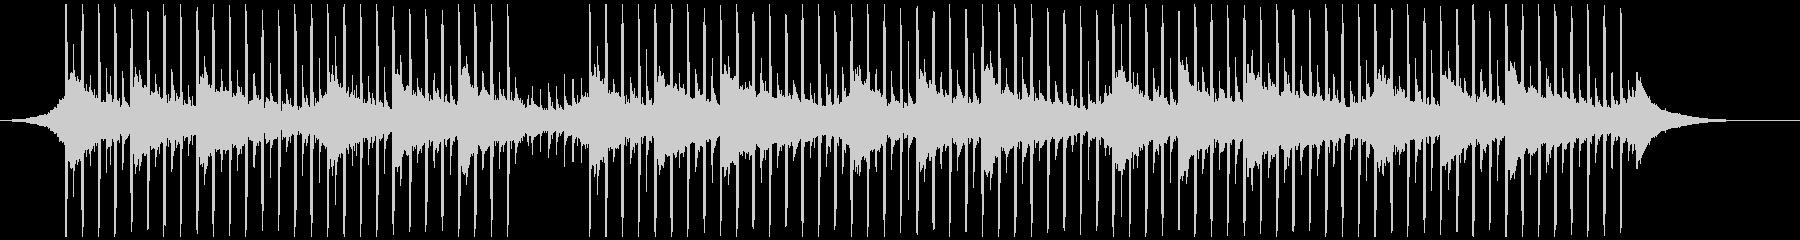 動機付けインタビュー(60秒)の未再生の波形